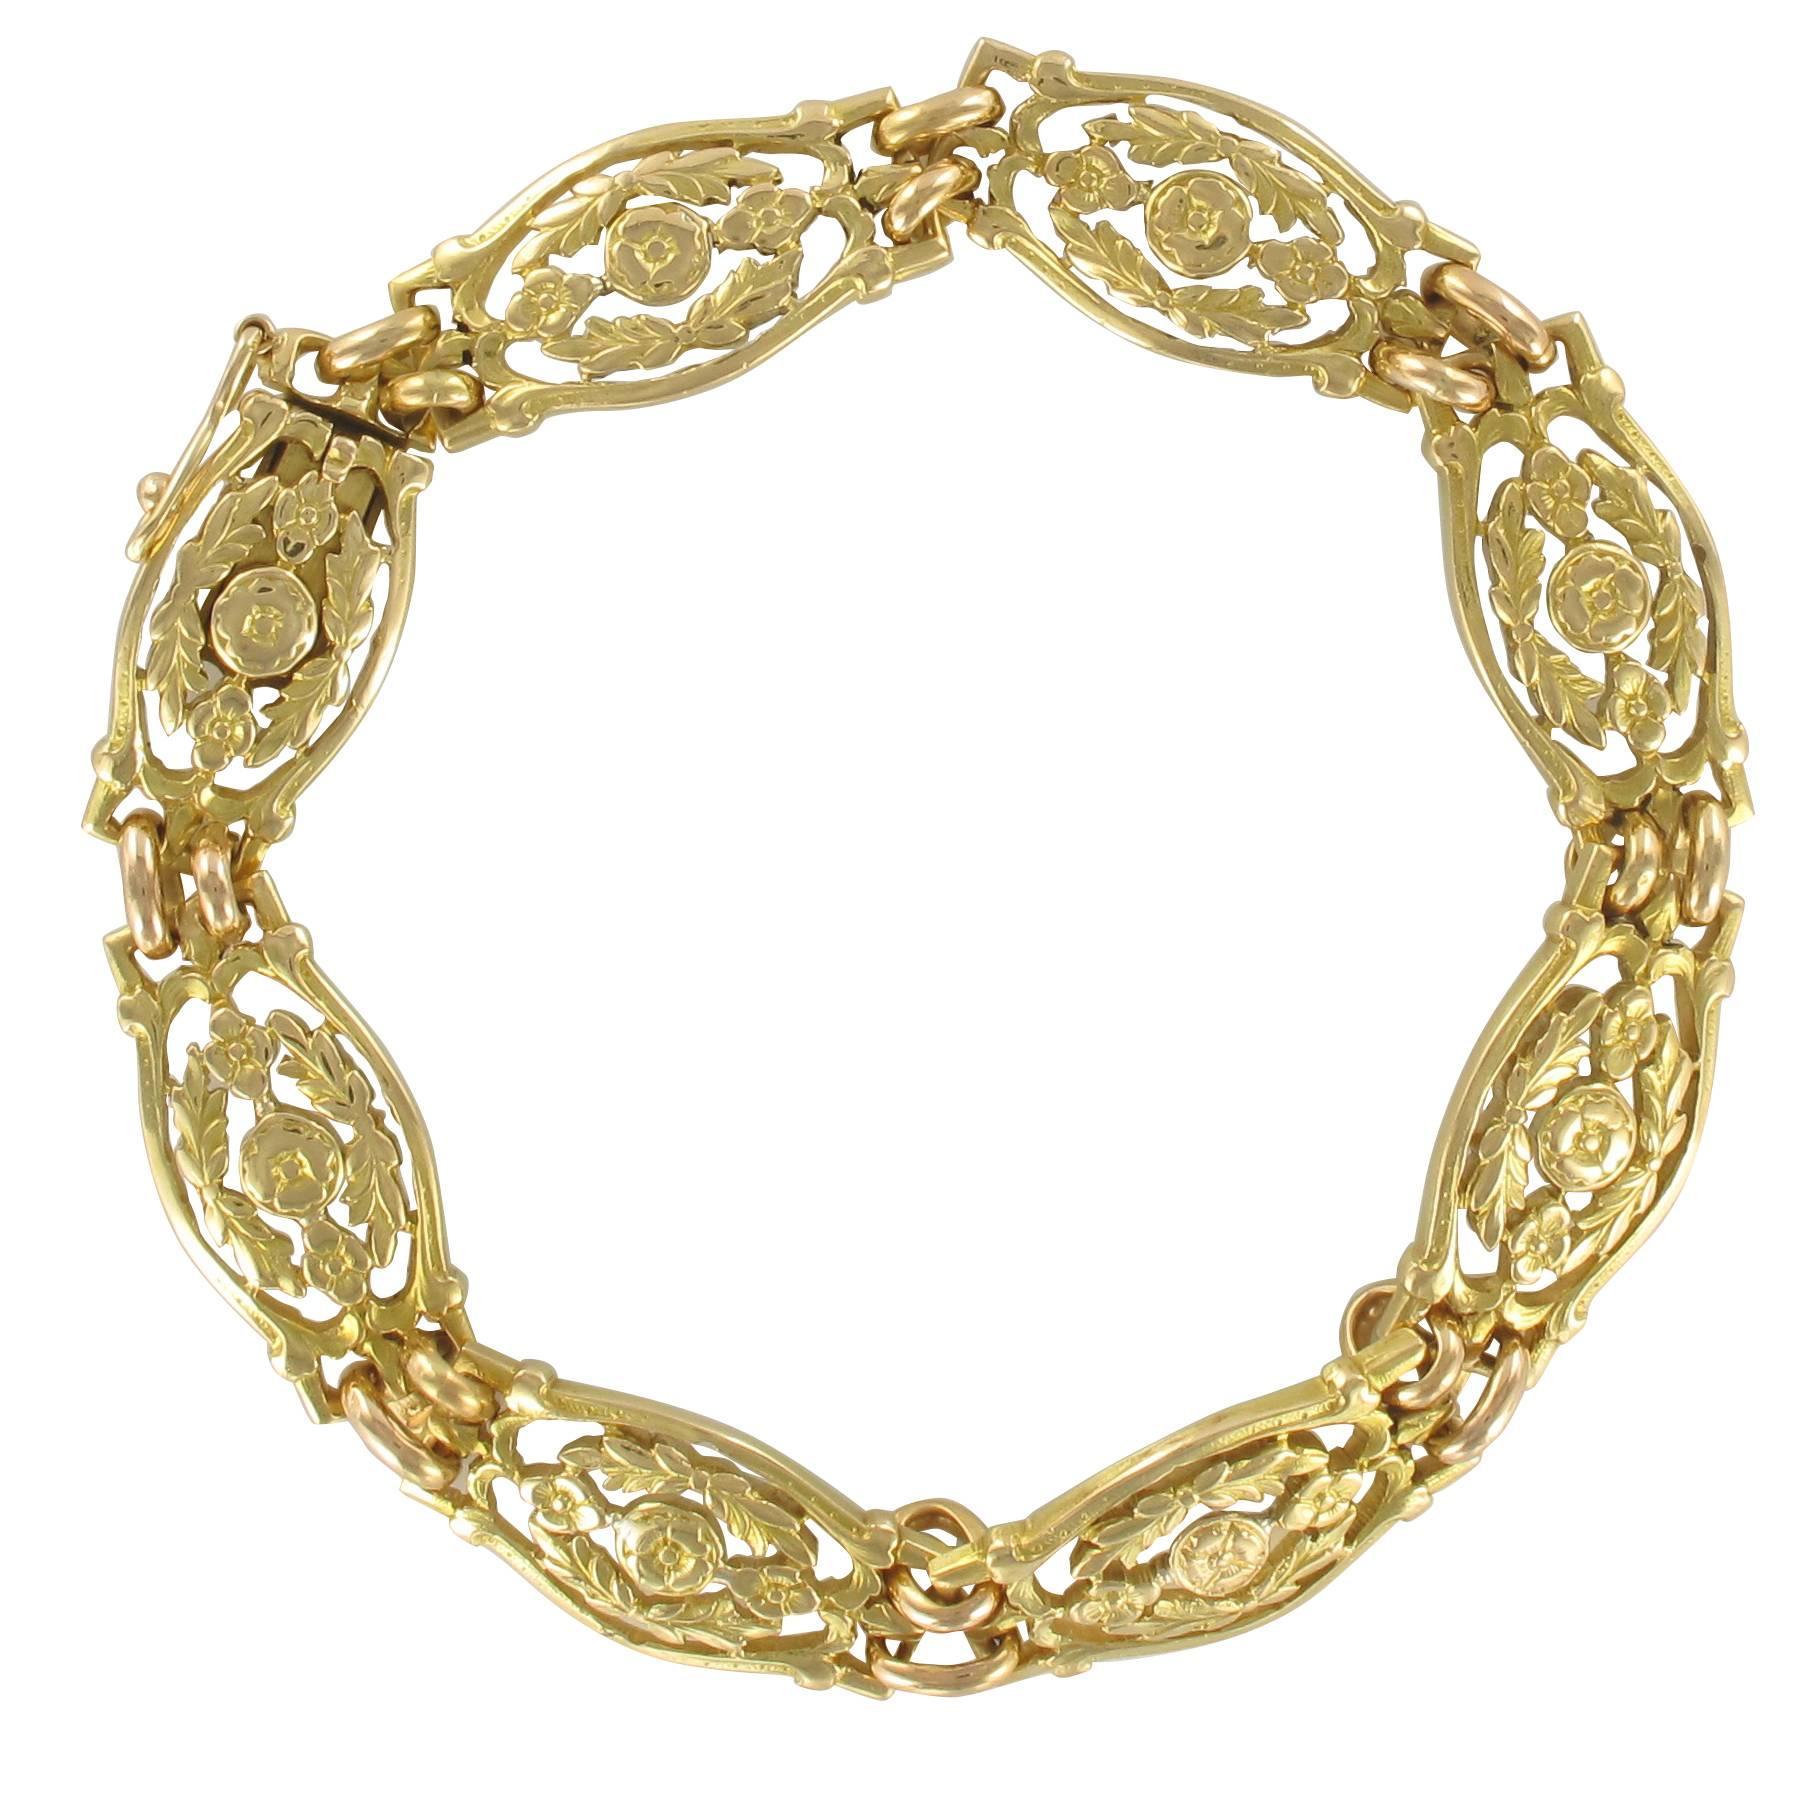 French 1900s Belle Époque 18 Karat Yellow Gold Bracelet with Floral Motifs